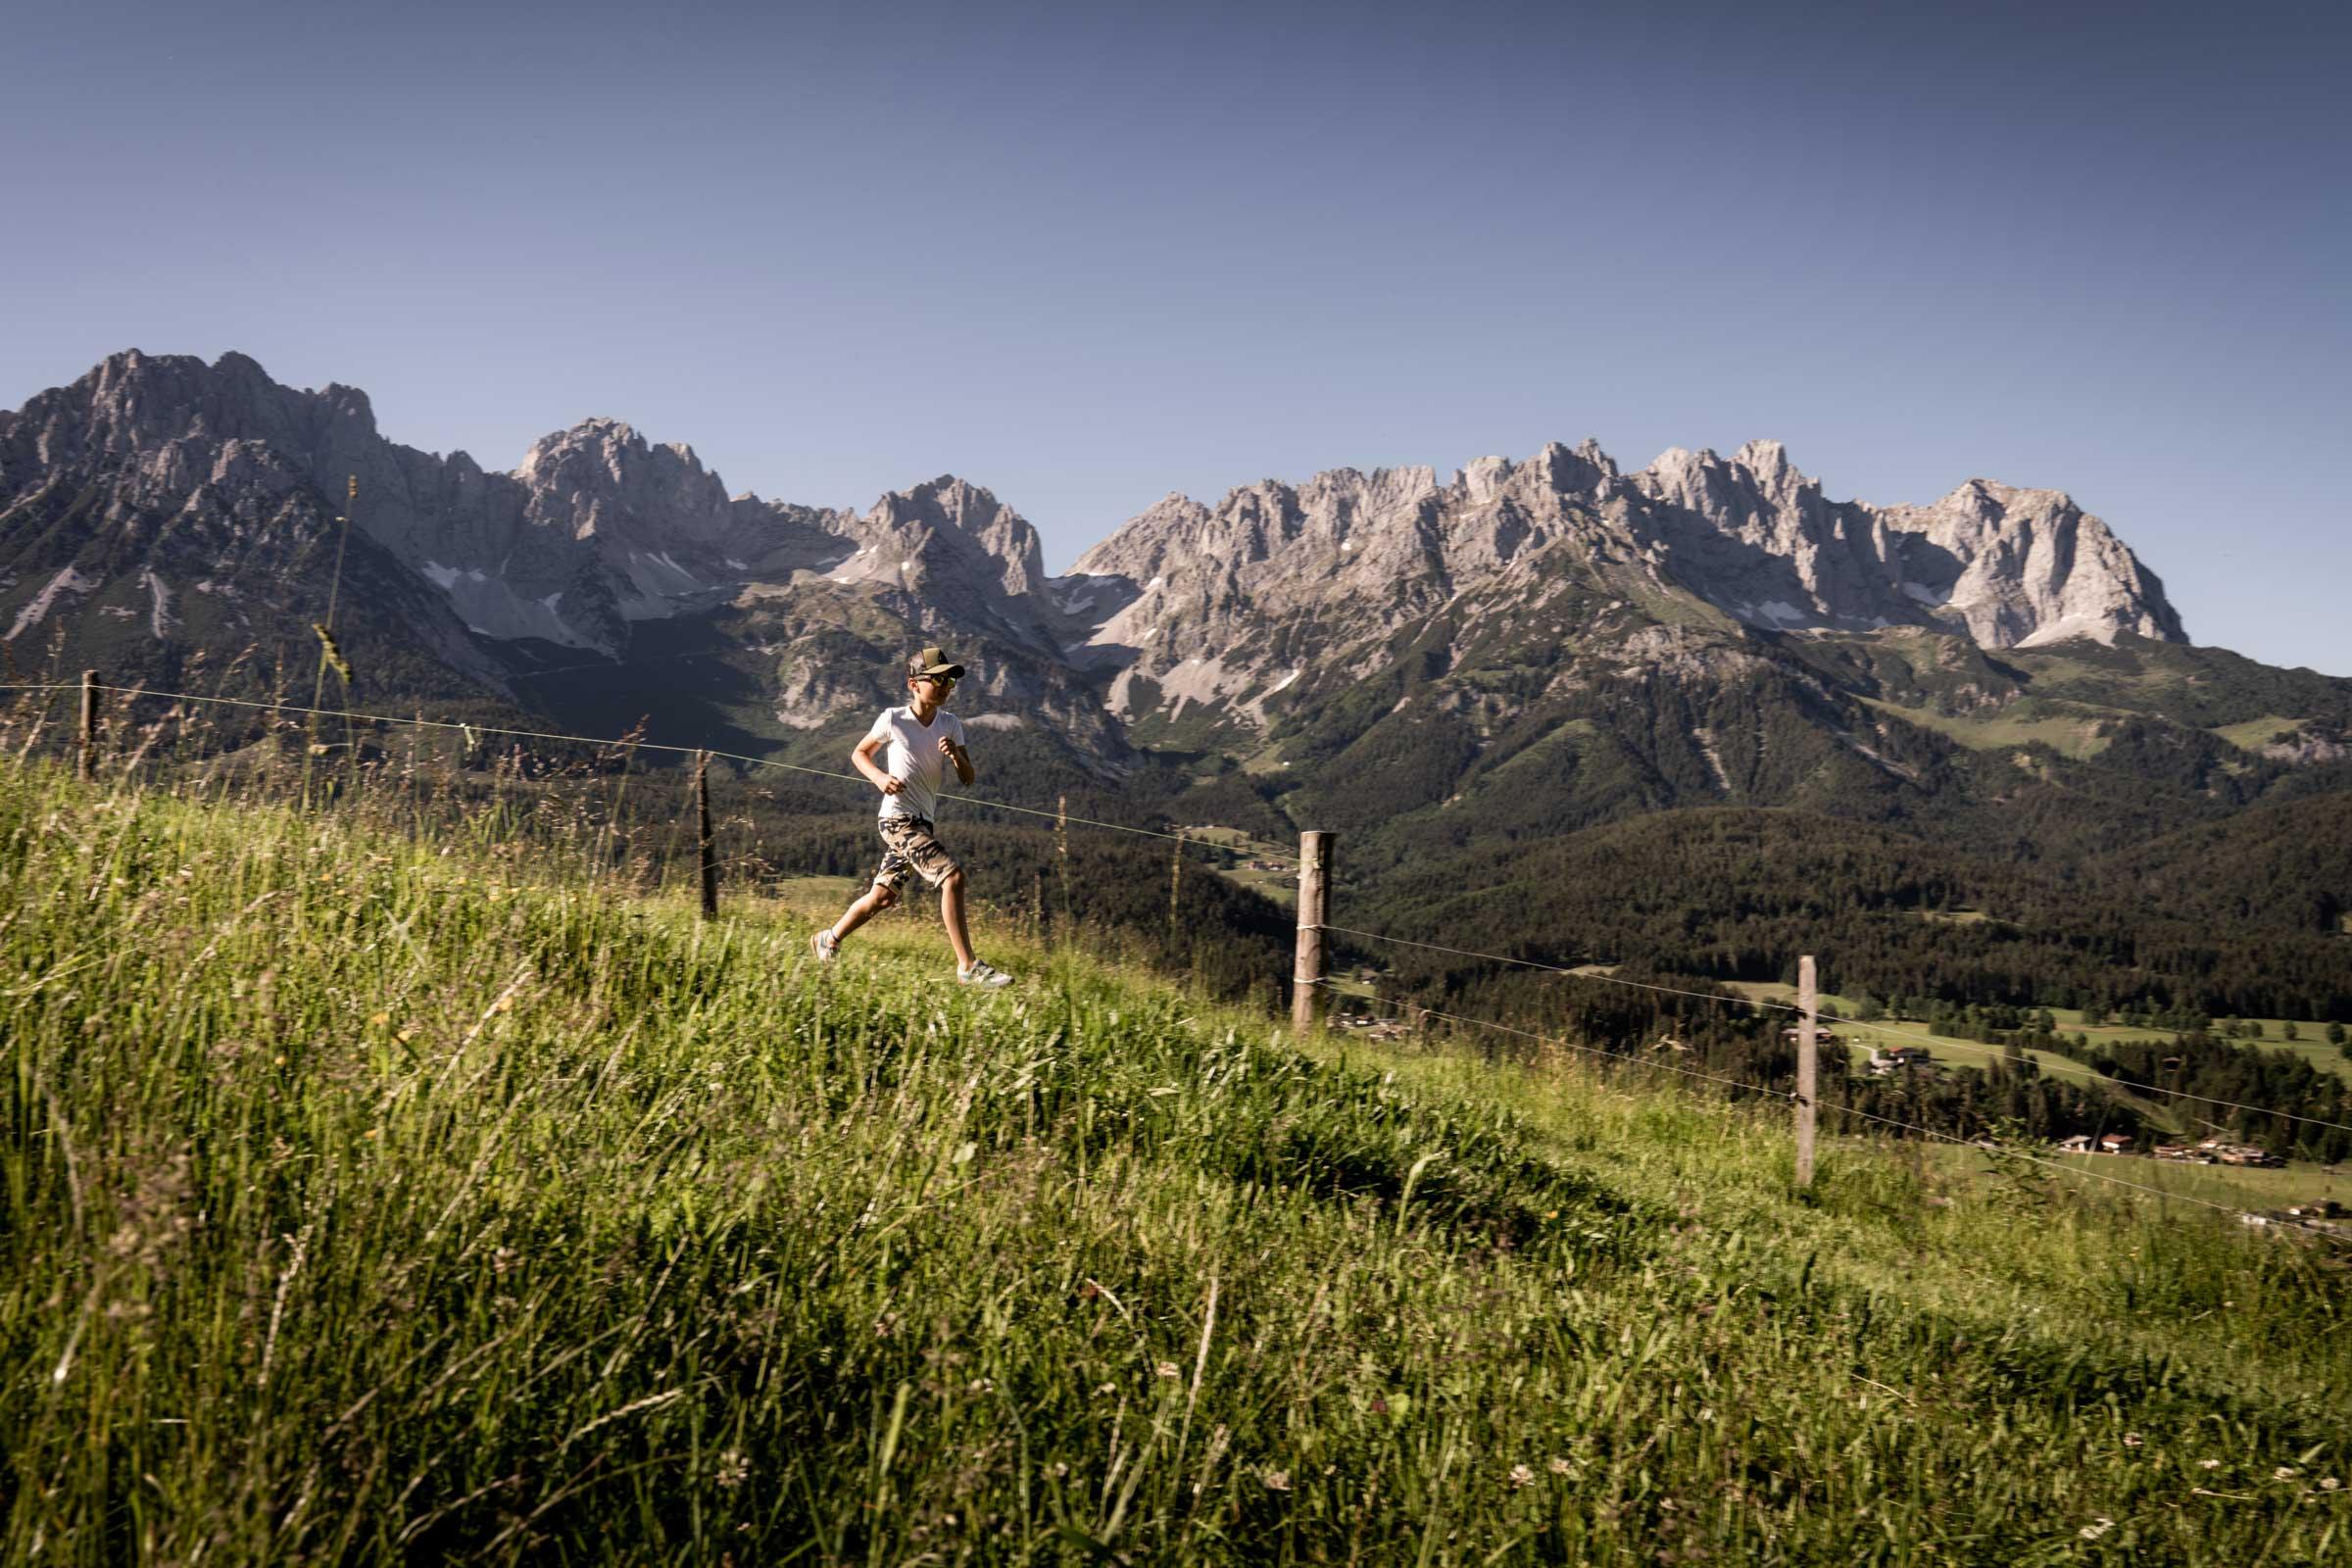 Ein junge läuft durch die Blumenwiese. Im Hintergrund thront der Wilde Kaiser.